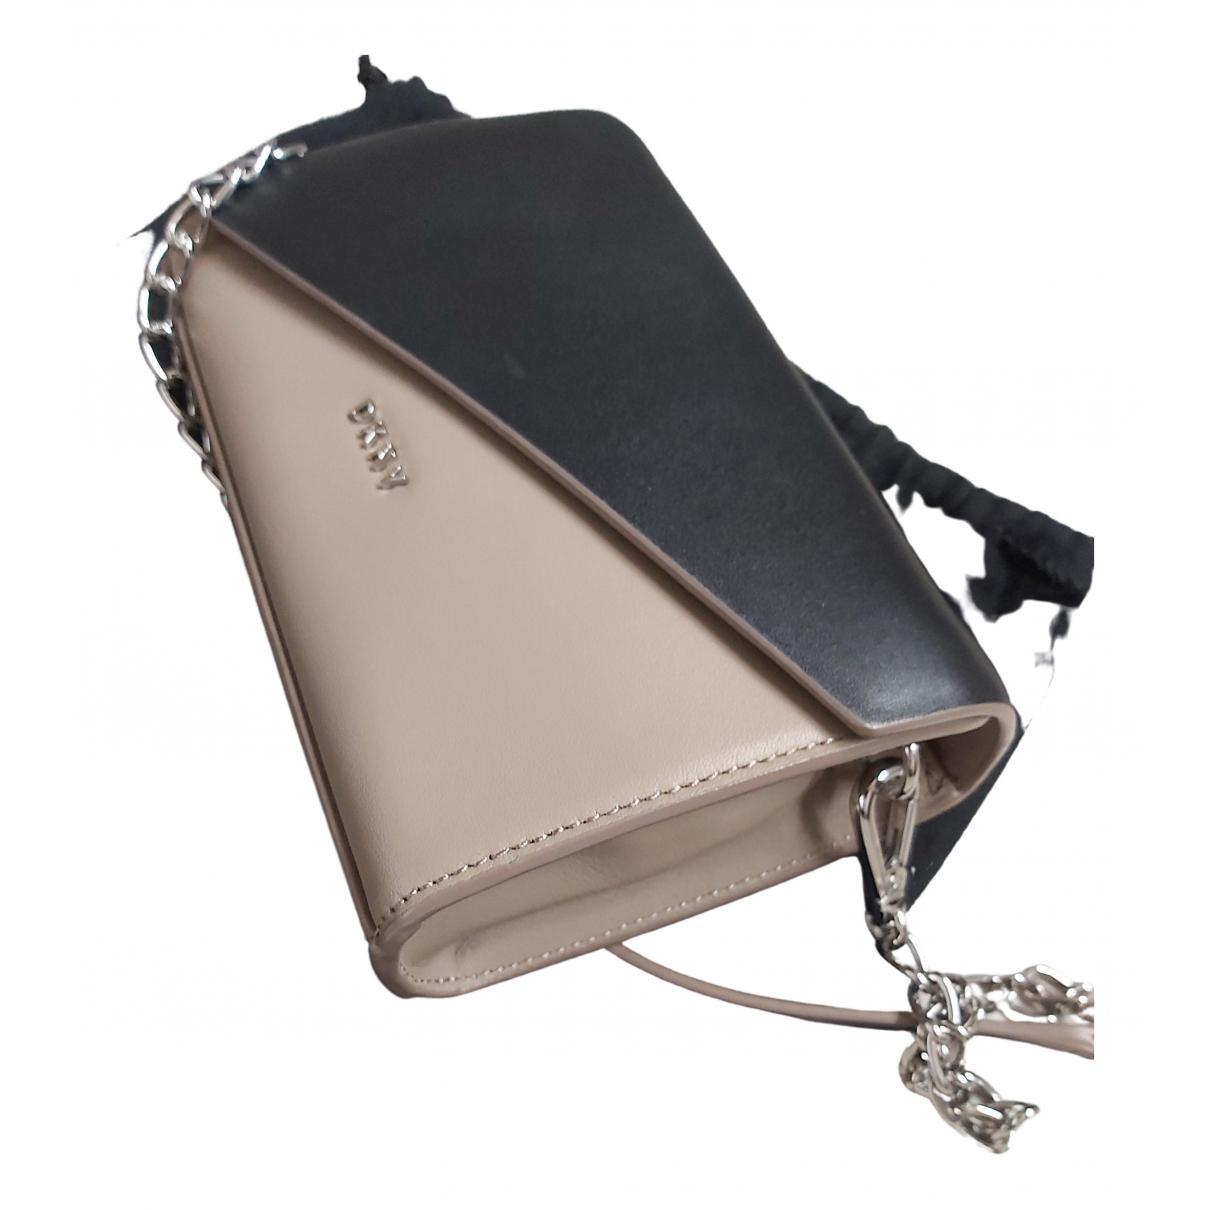 Dkny \N Handtasche in  Schwarz Leder